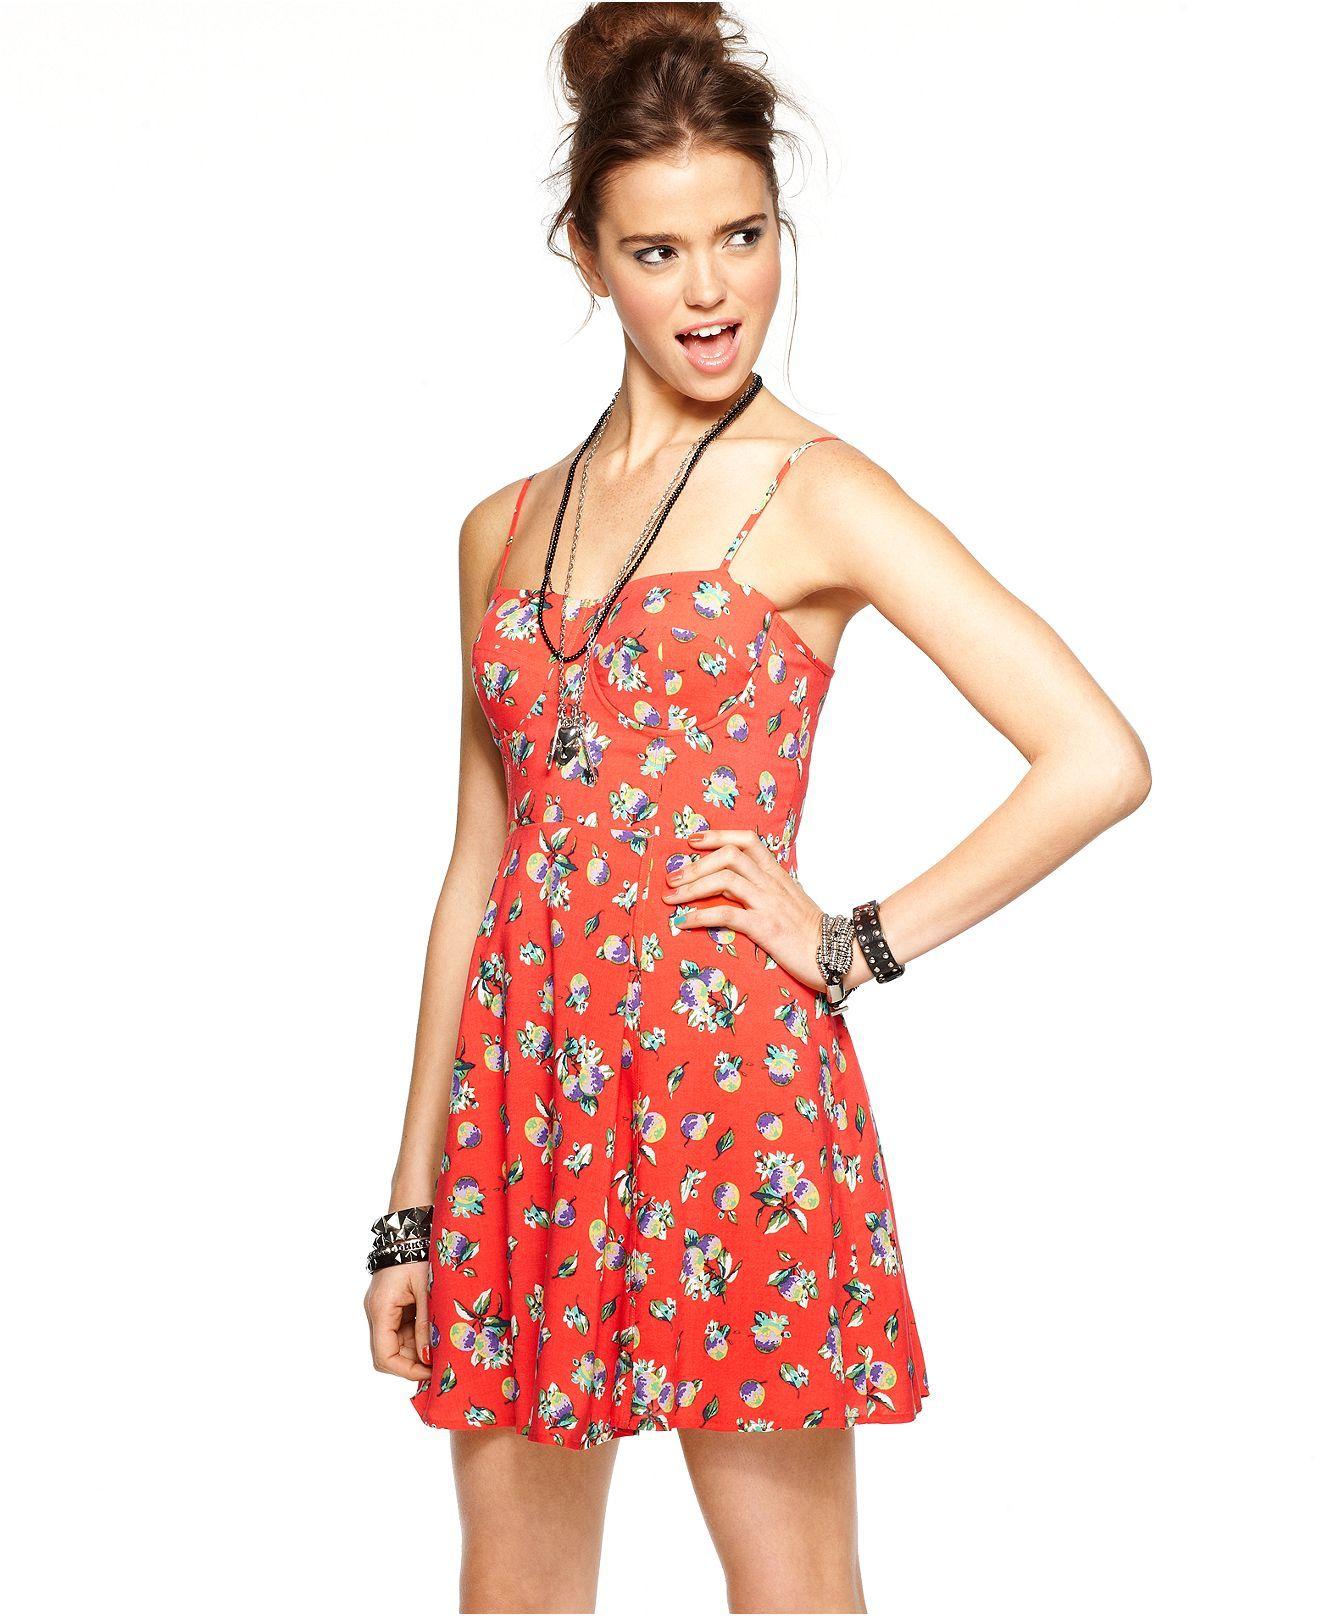 Material Girl Dress Sleeveless Bustier Fruit Print A Line Juniors Shop All Apparel Macy S Material Girls Junior Dresses Dresses [ 1616 x 1320 Pixel ]